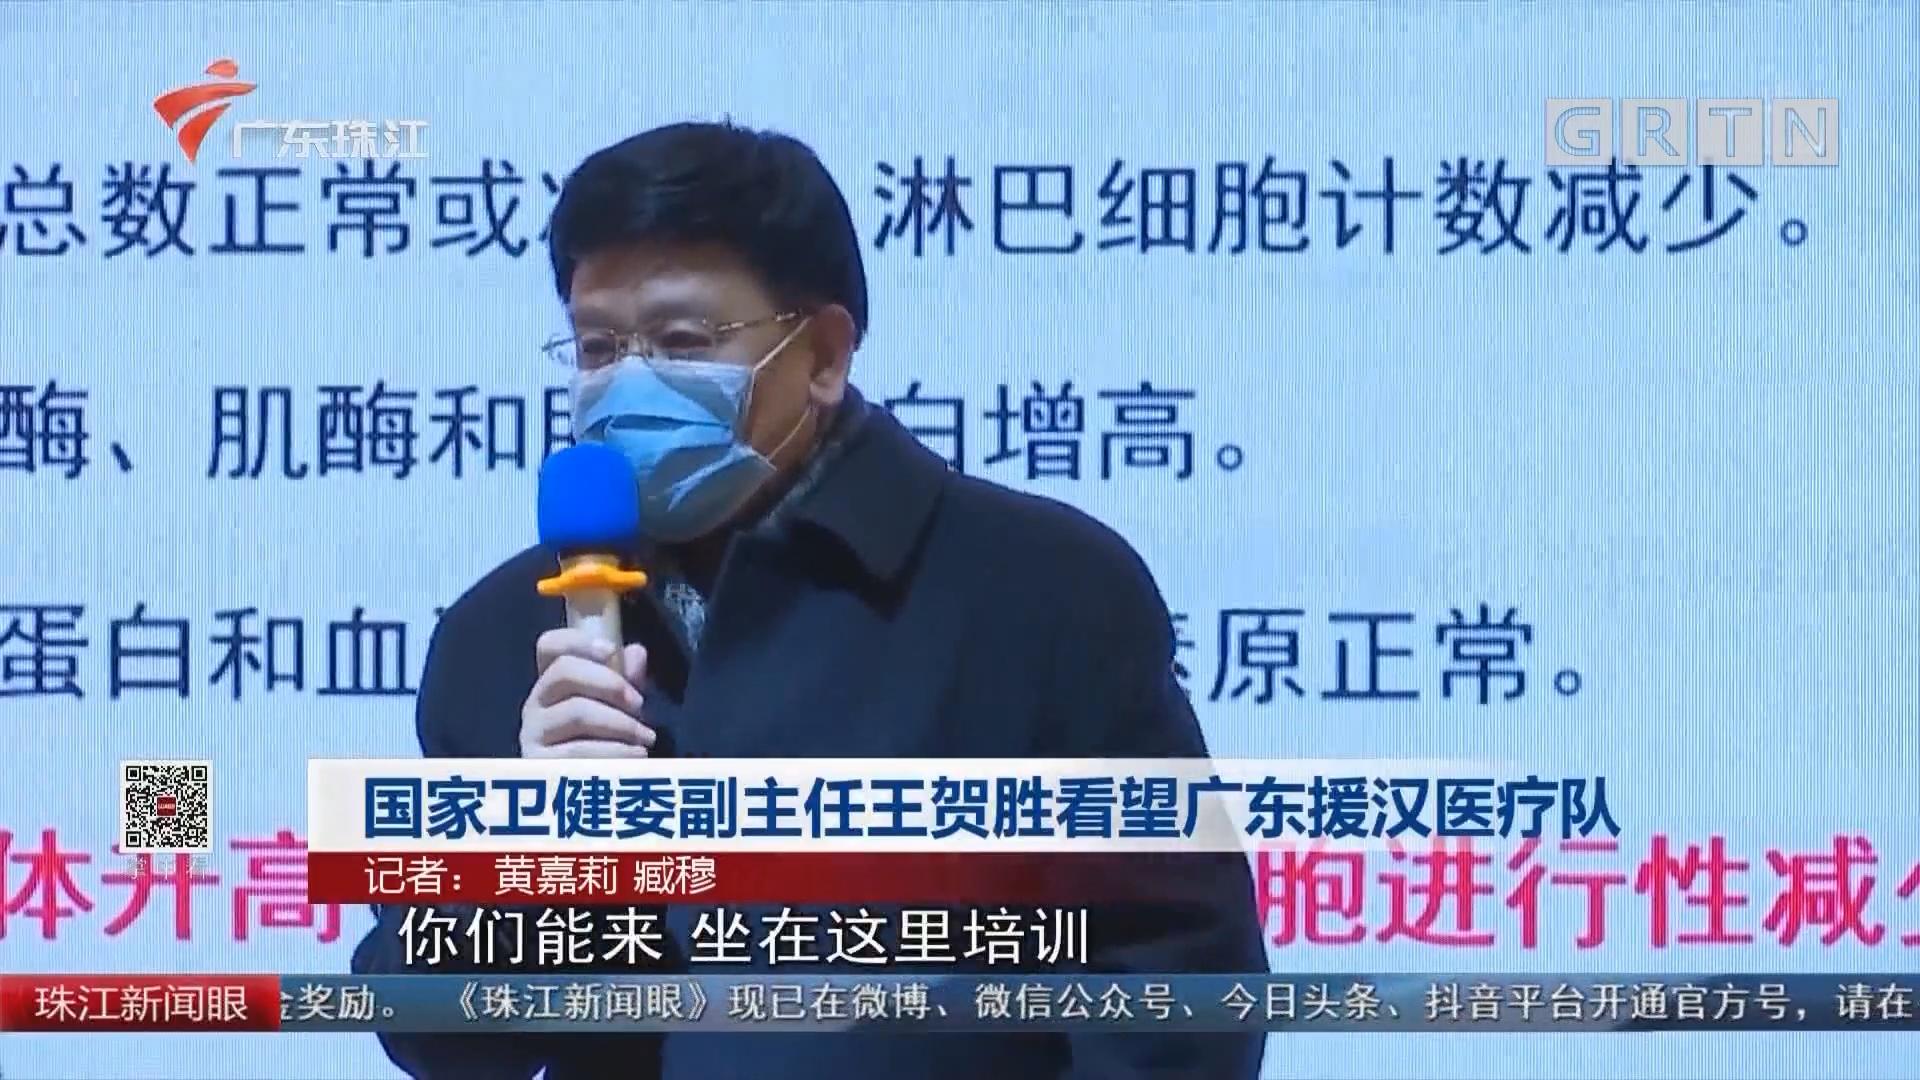 国家卫健委副主任王贺胜看望广东援汉医疗队